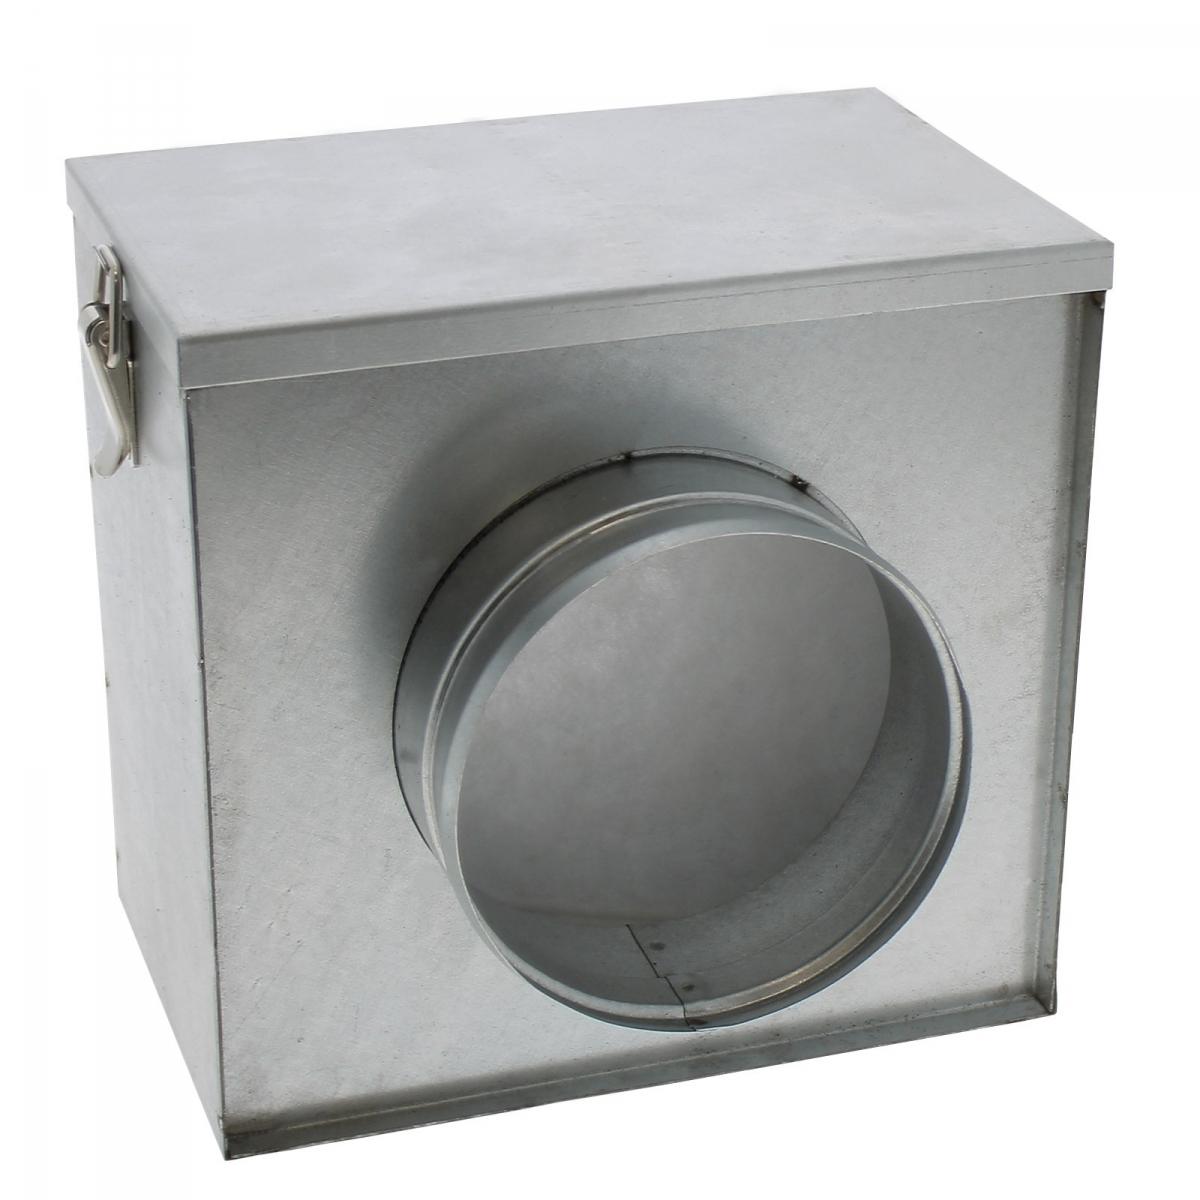 Filtre d/'air insufflé 150mm de diamètre